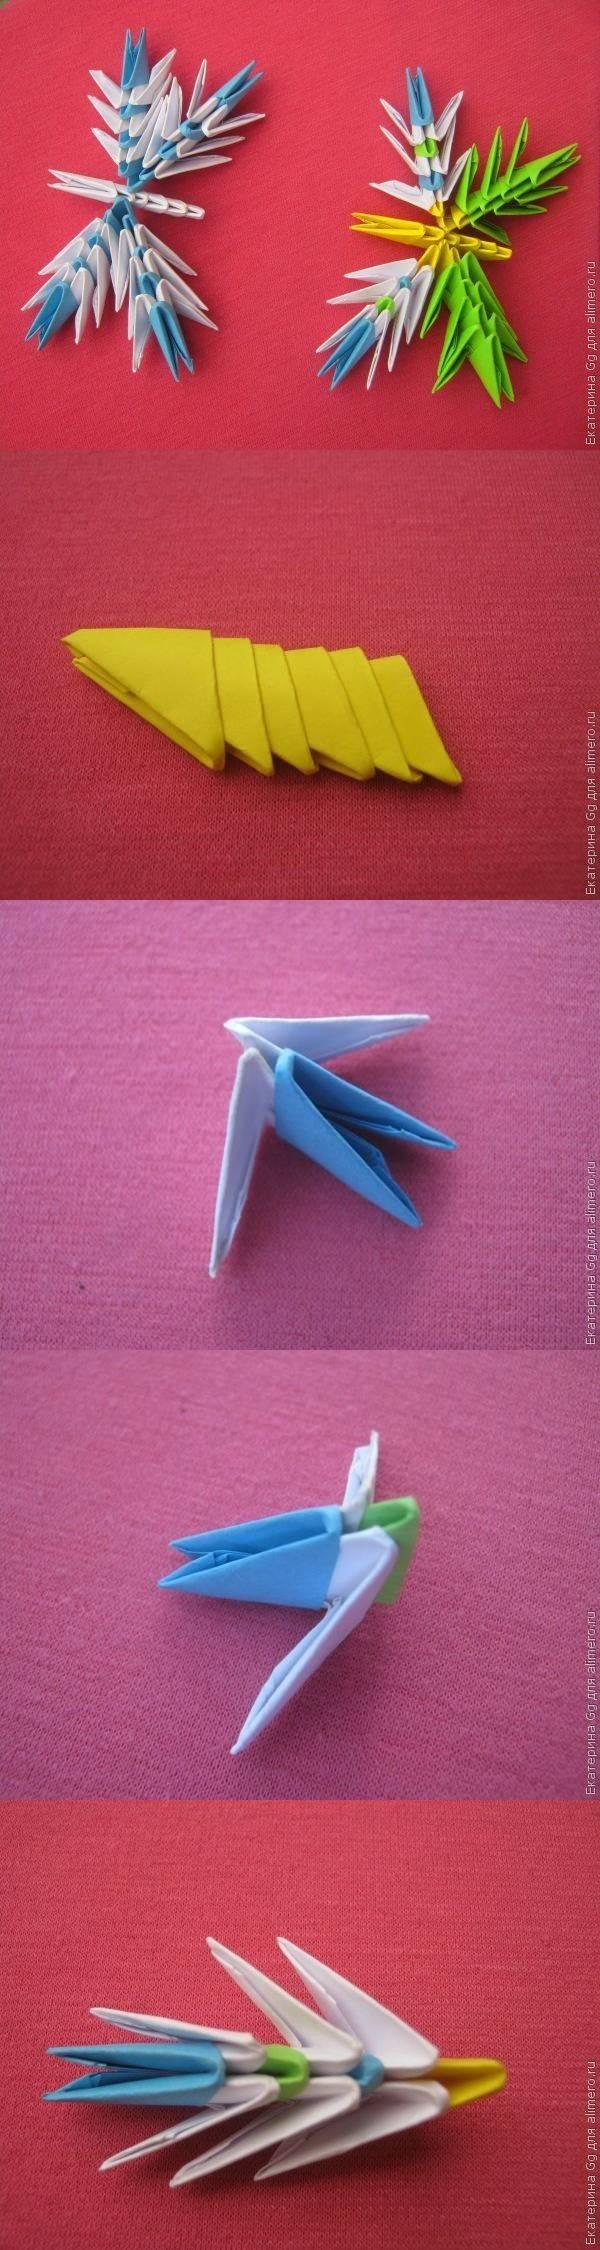 МК для начинающих «Мини-бабочки». Техника оригами